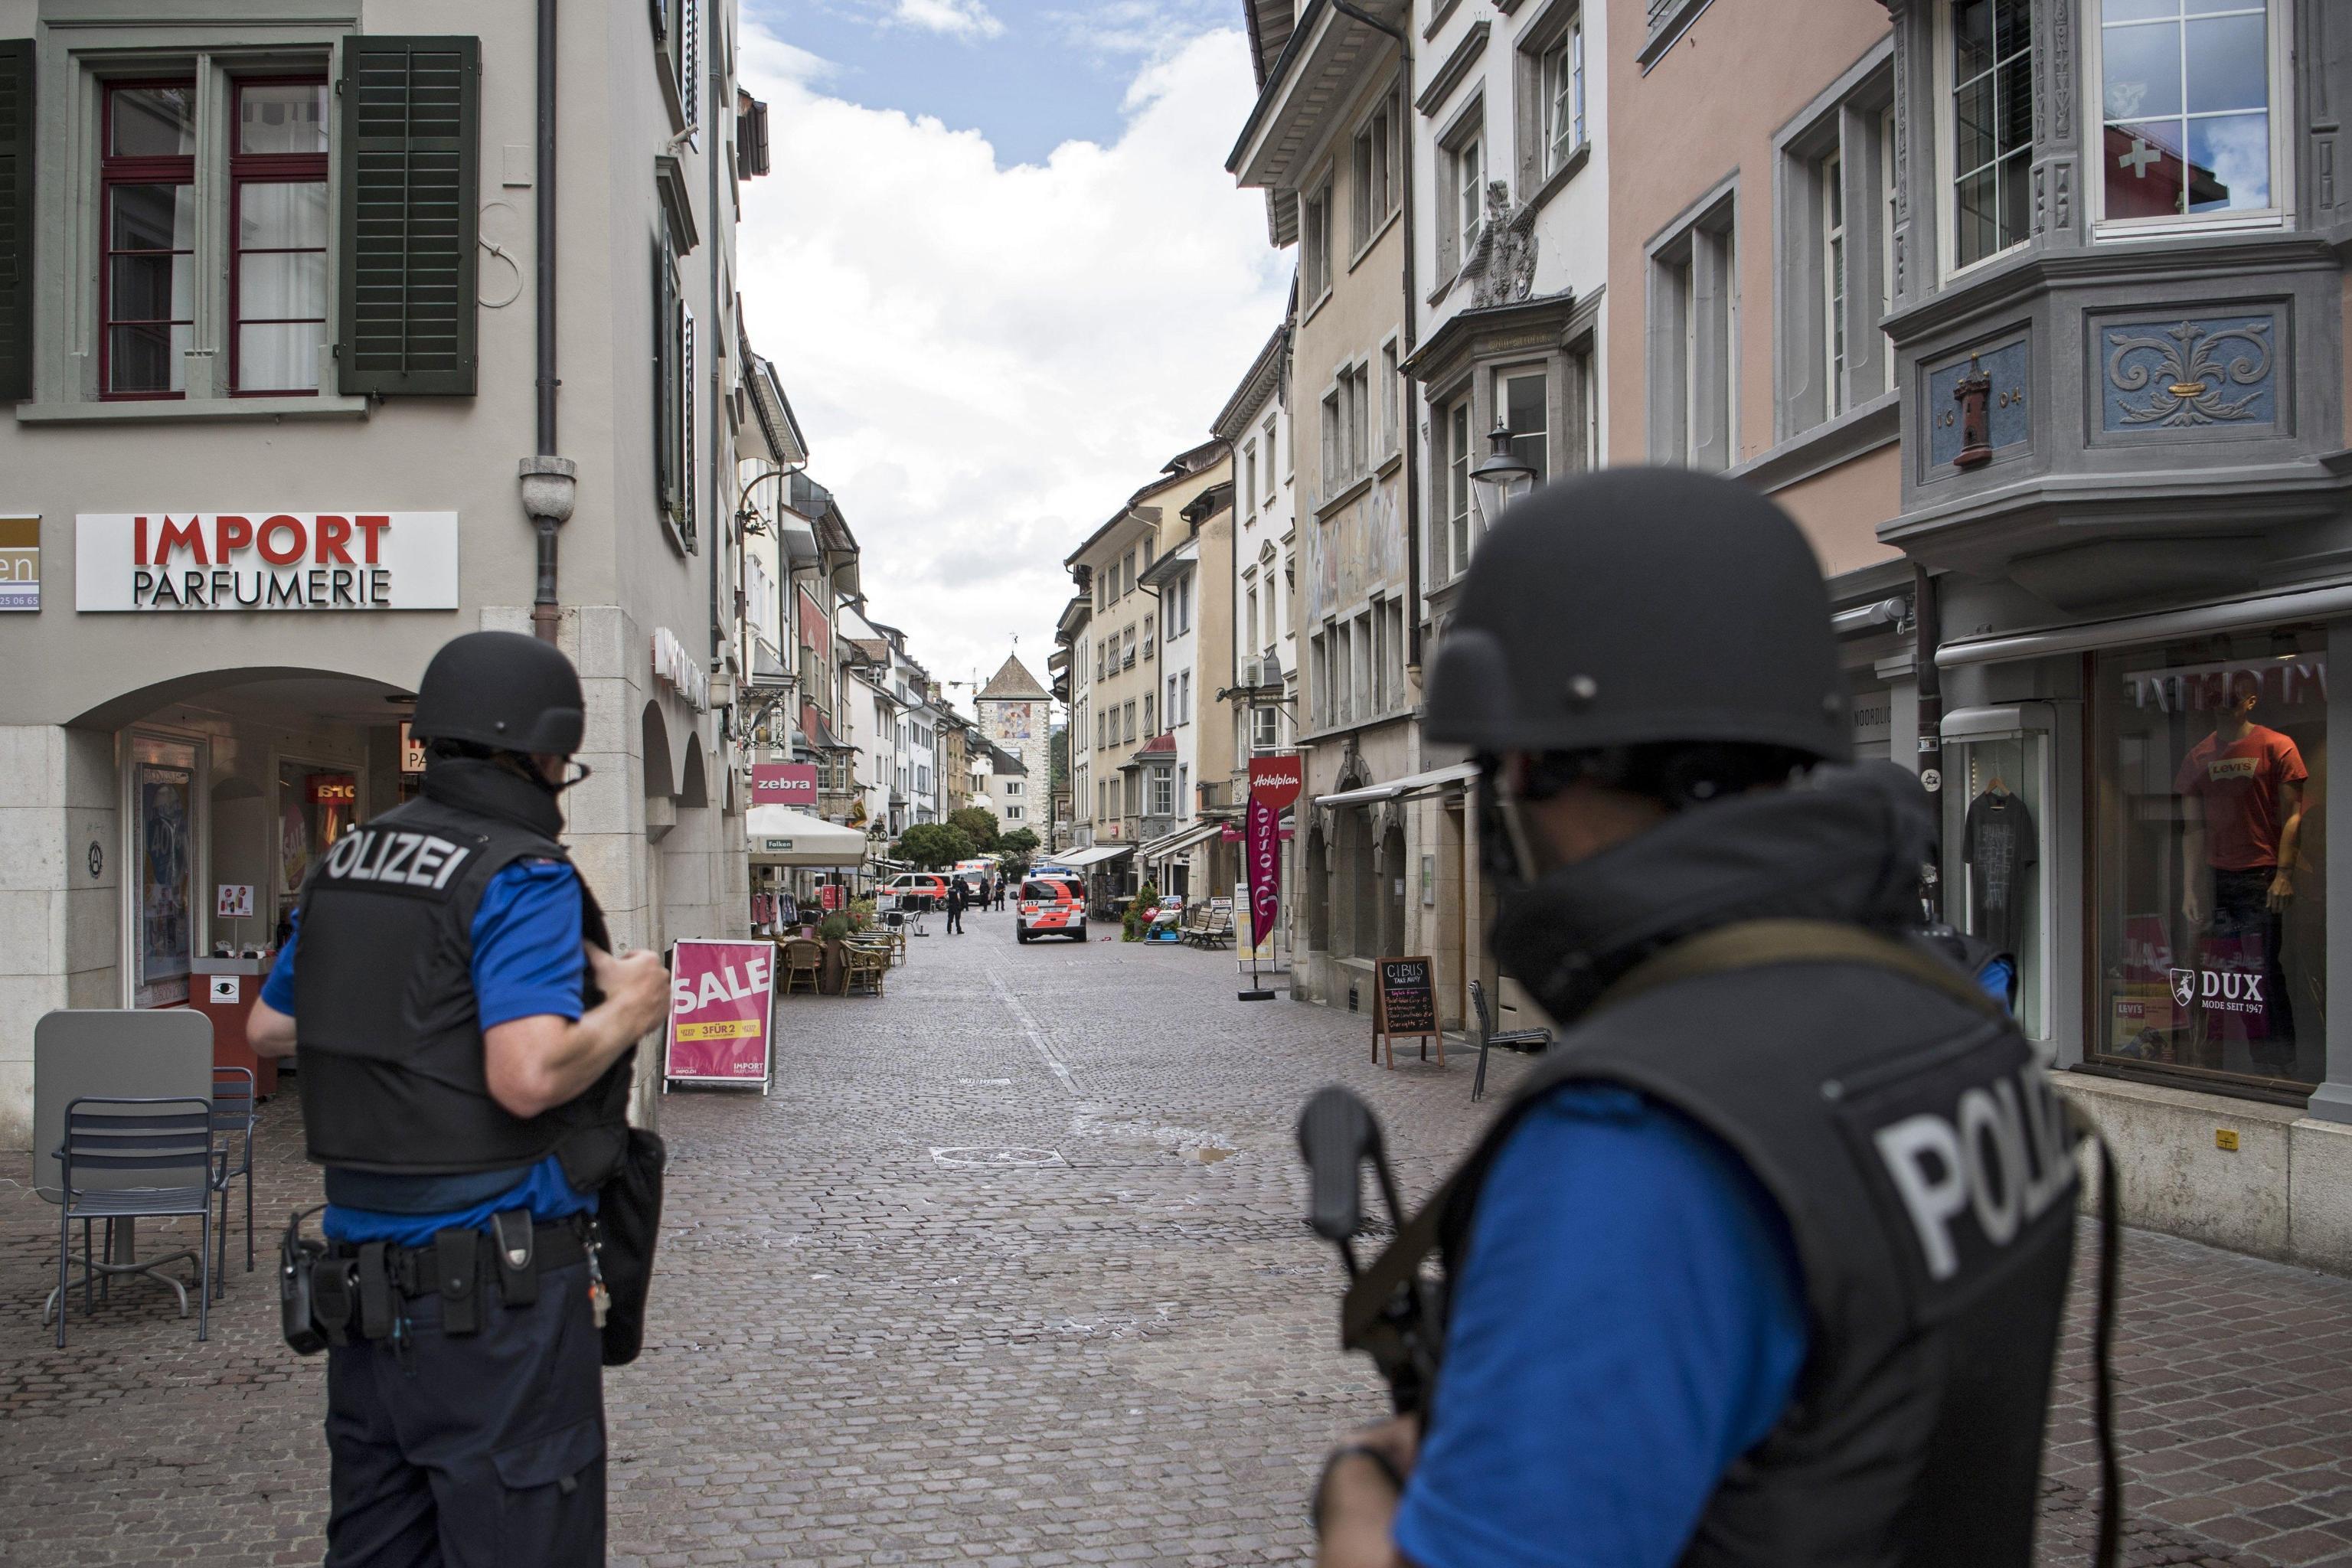 Svizzera, armato di motosega ferisce 5 persone da McDonald's a Schaffhausen